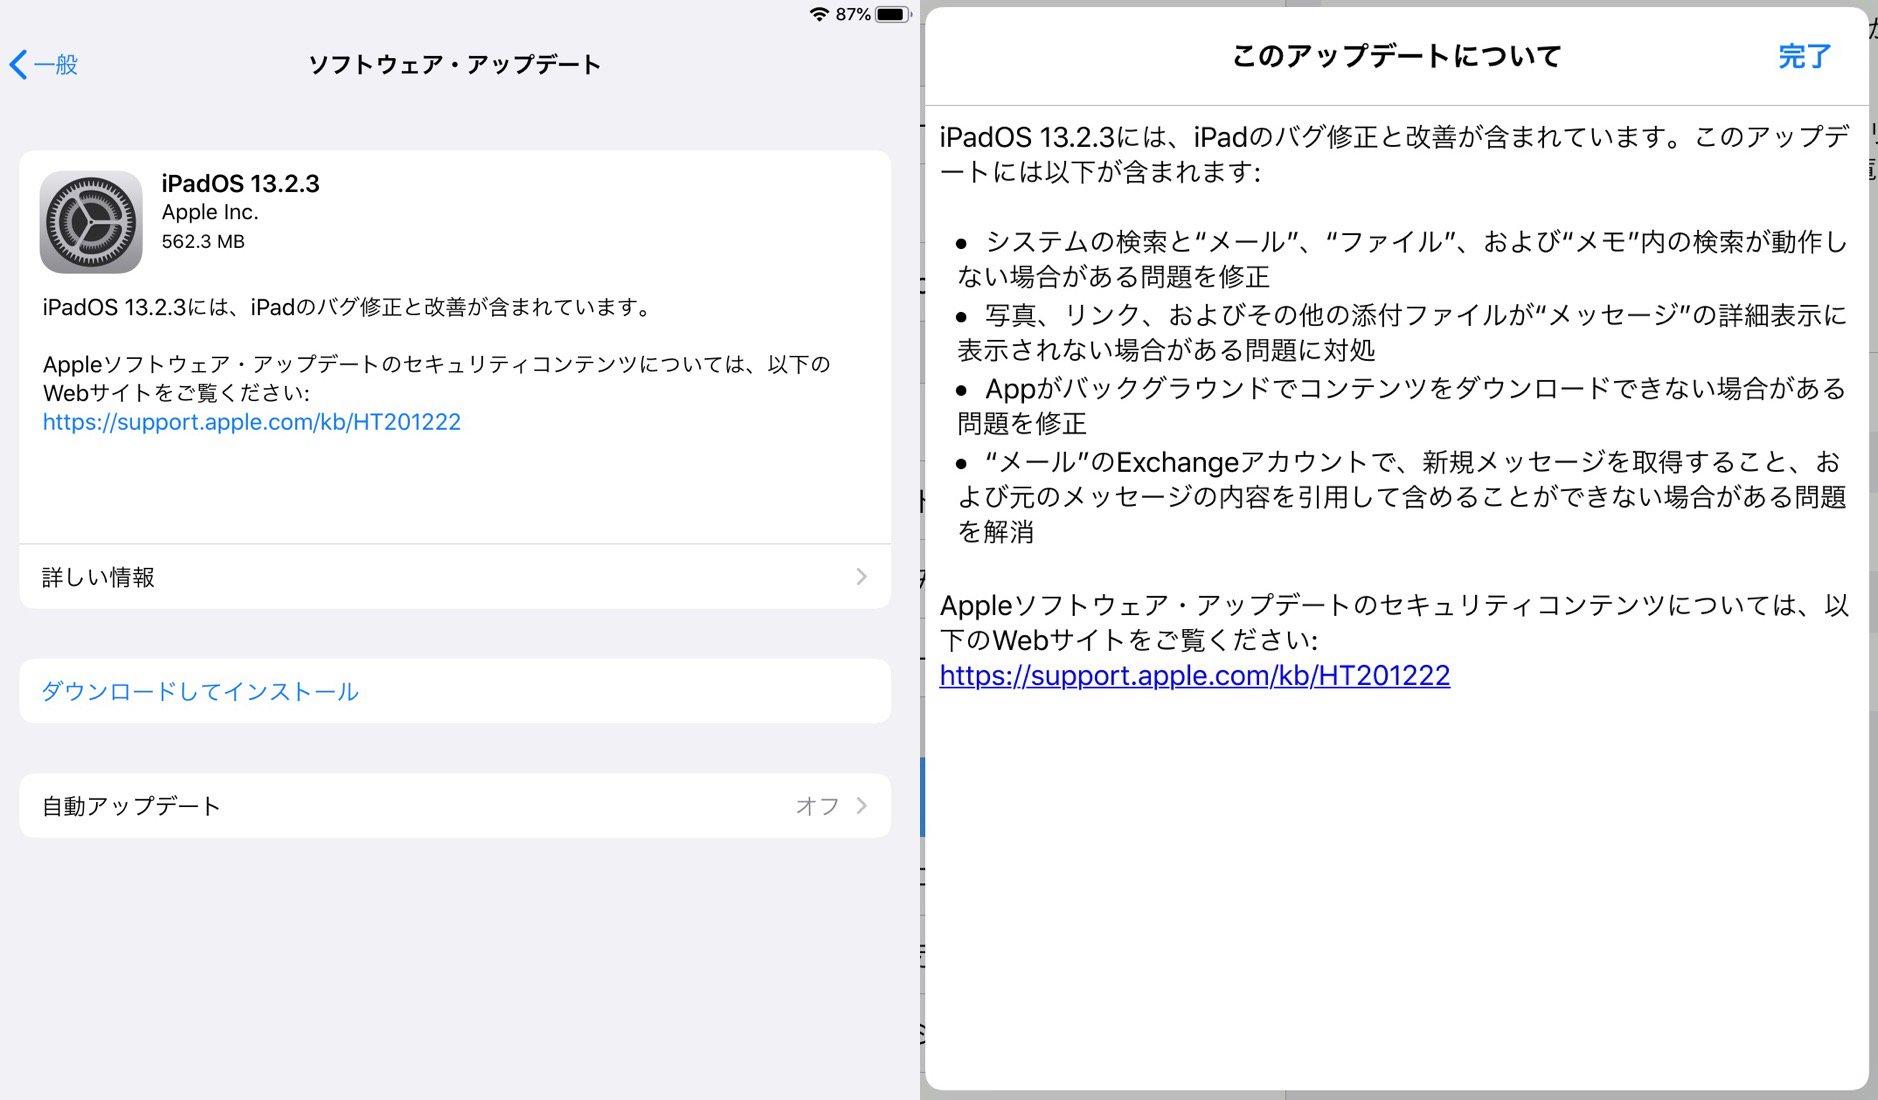 iPadOS 13.2.3 が来てる。 https://t.co/gP6GoSaf0H